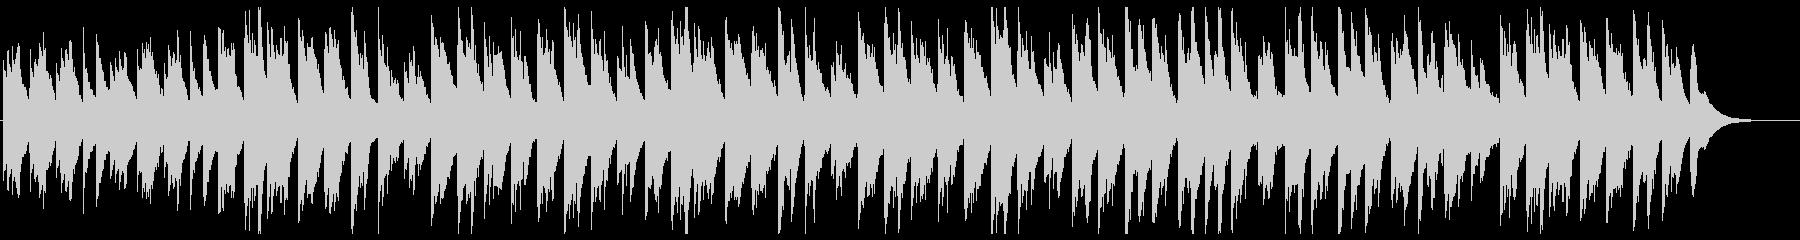 琴とシンセが奏でるヒーリングミュージックの未再生の波形